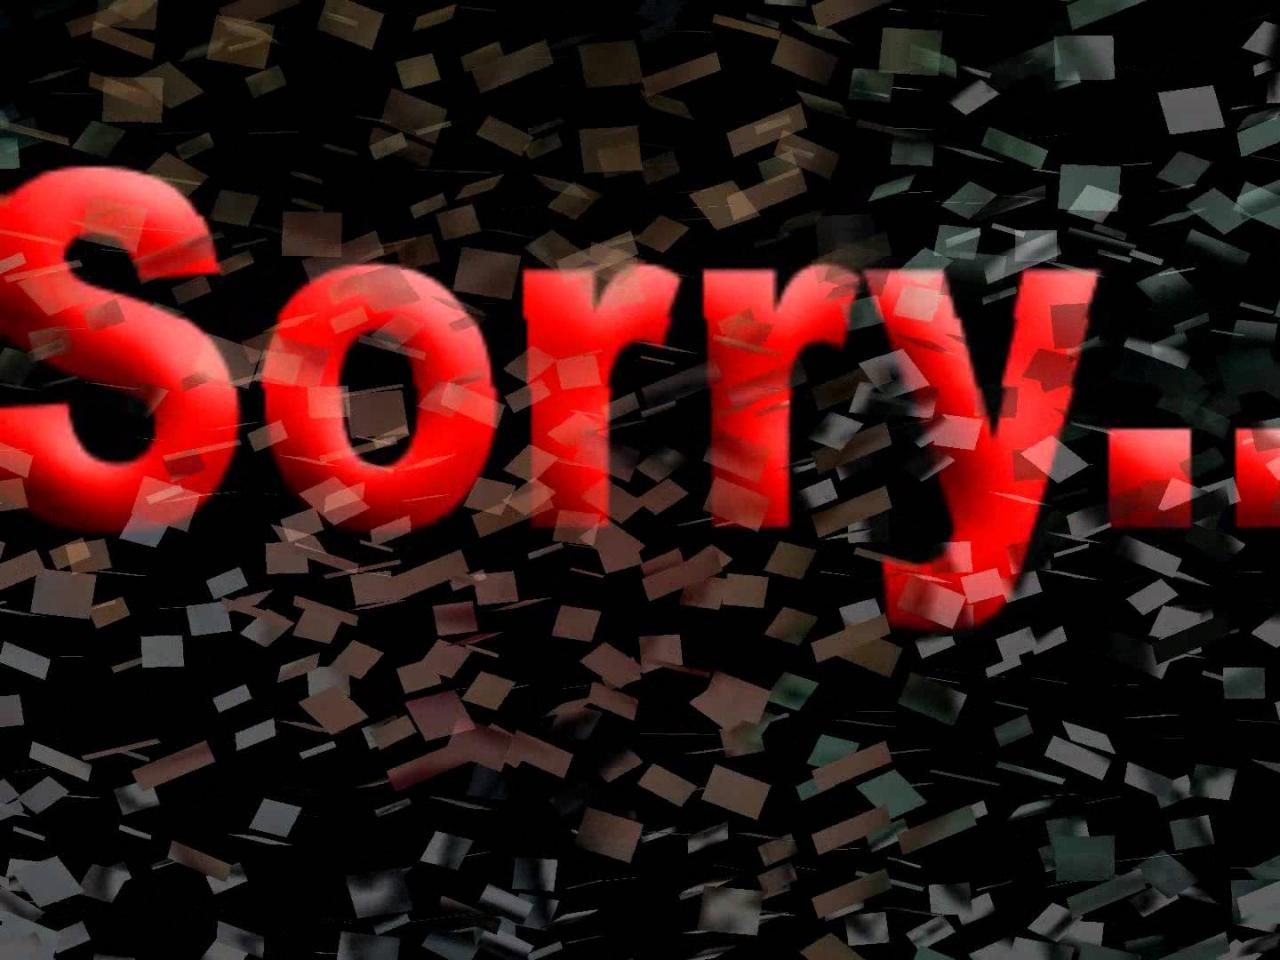 صورة رسالة اعتذار لصديق تعبير , كلمه اعتذار لاغلى الاصدقاء 4150 6